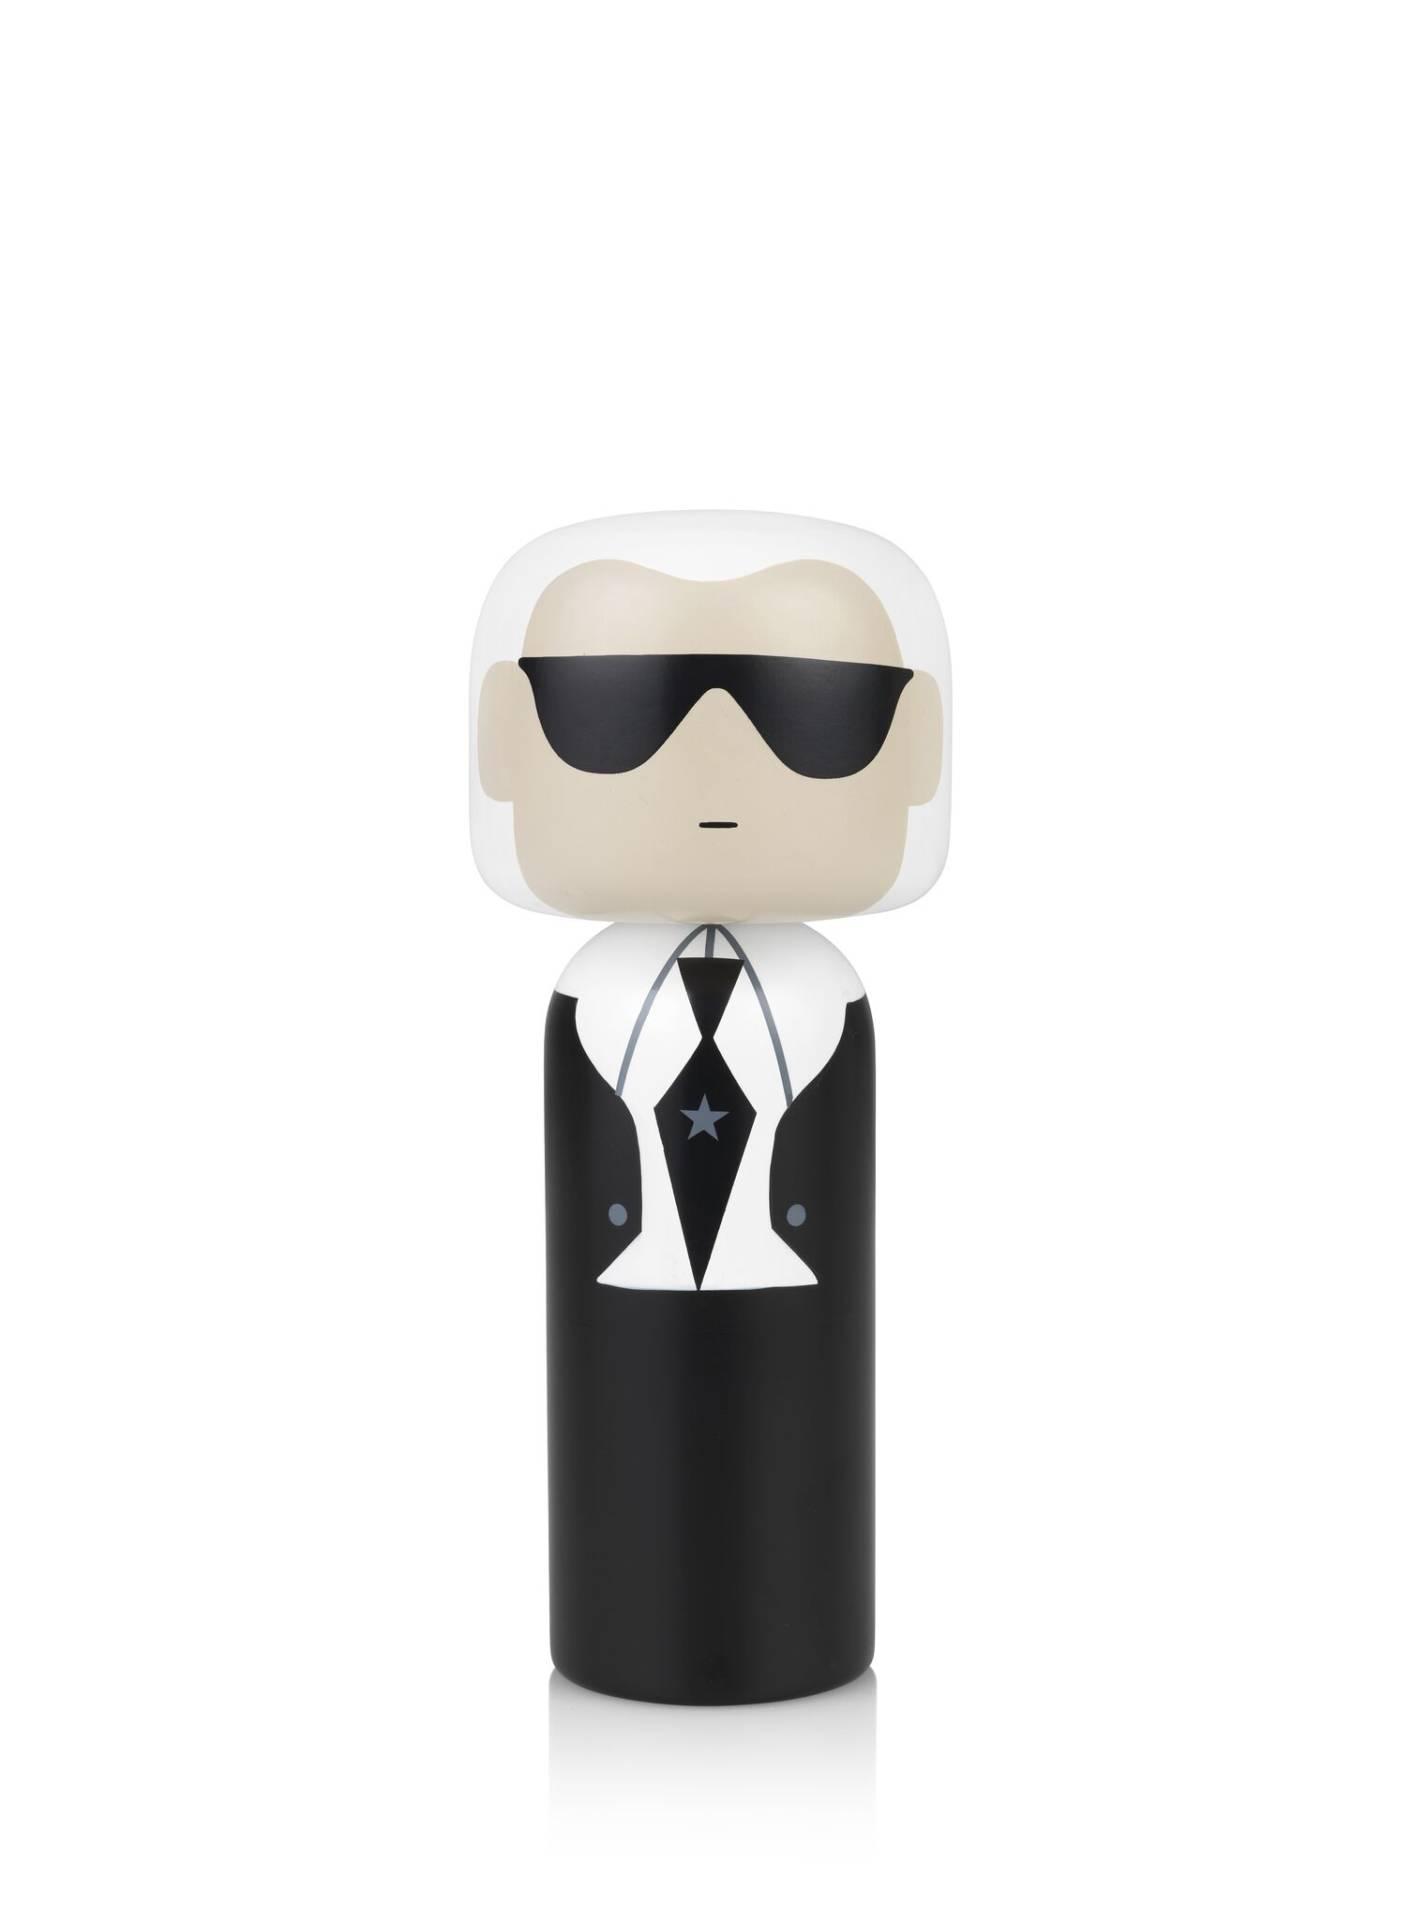 Poupée en bois Karl Lagerfeld H21,5cm : 80€ chez Inspiration Design à Colmar